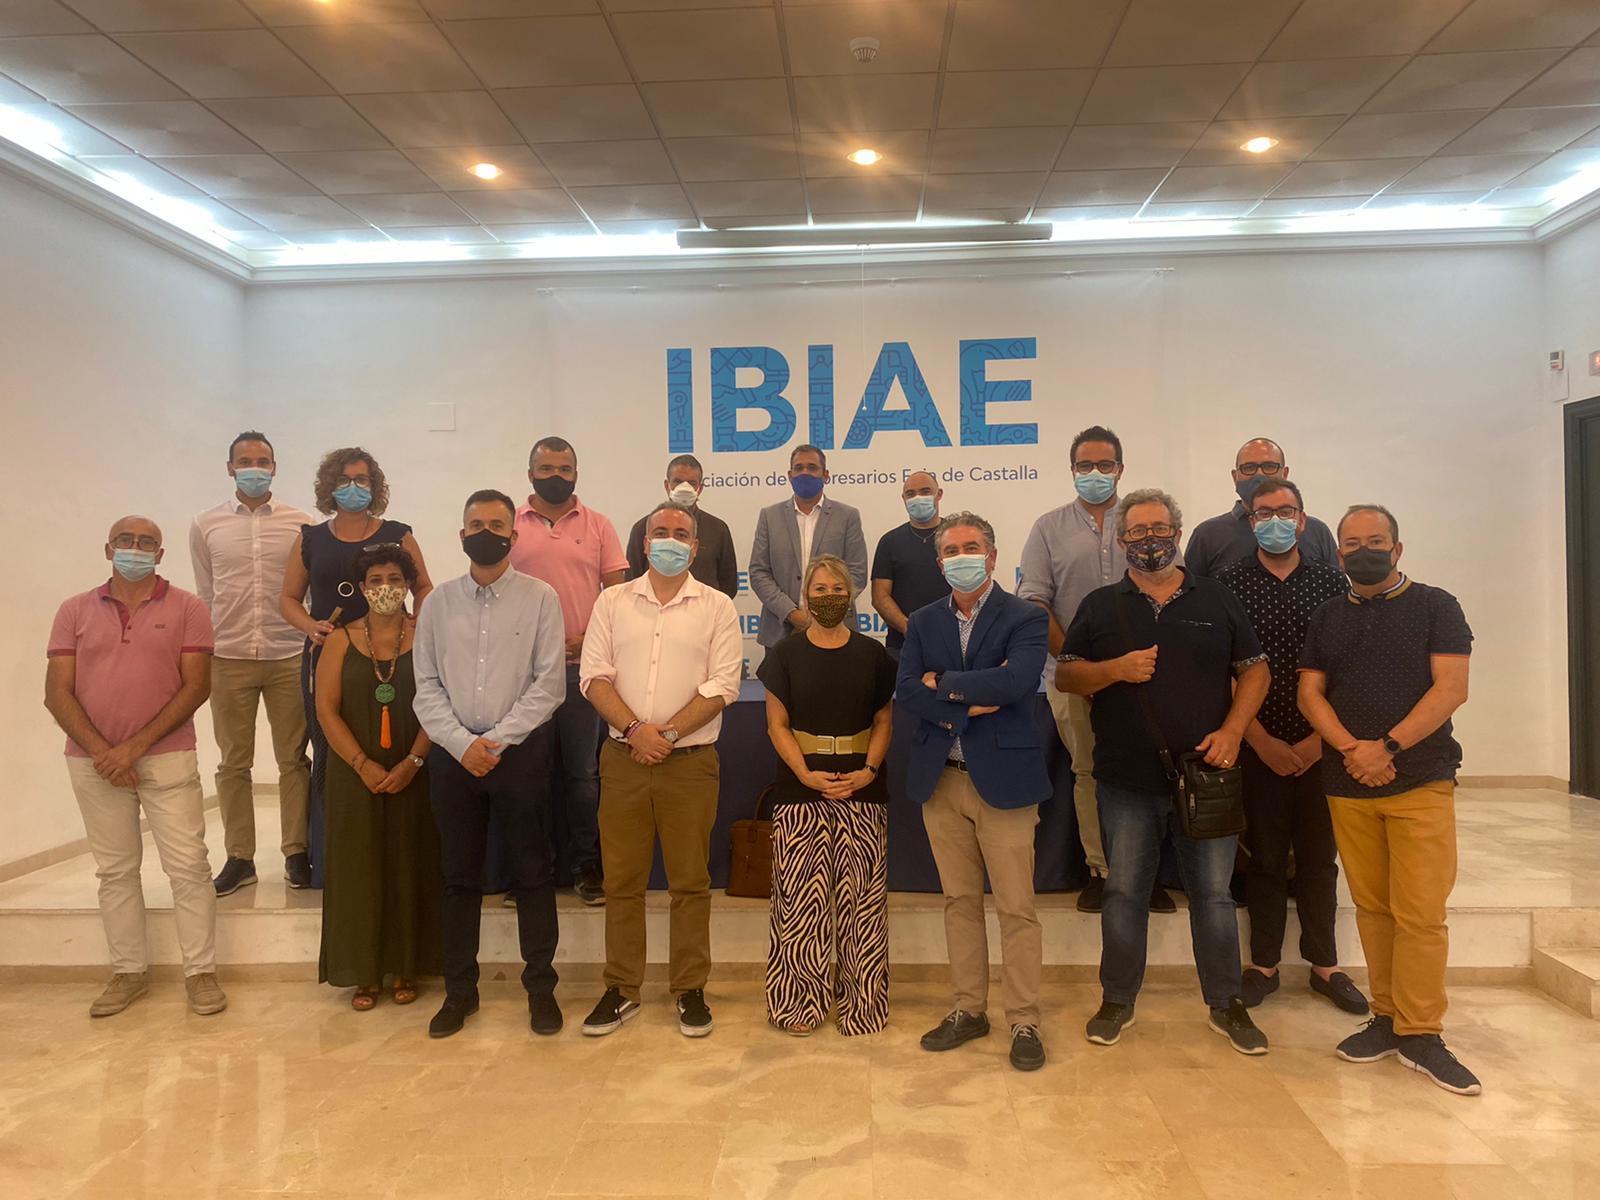 """Rodríguez-Piñero es compromet amb IBIAE a generar """"una agenda de treball conjunta a Brussel·les i millorar la interlocució perquè Europa conega de prop els reptes d'aquesta indústria"""""""